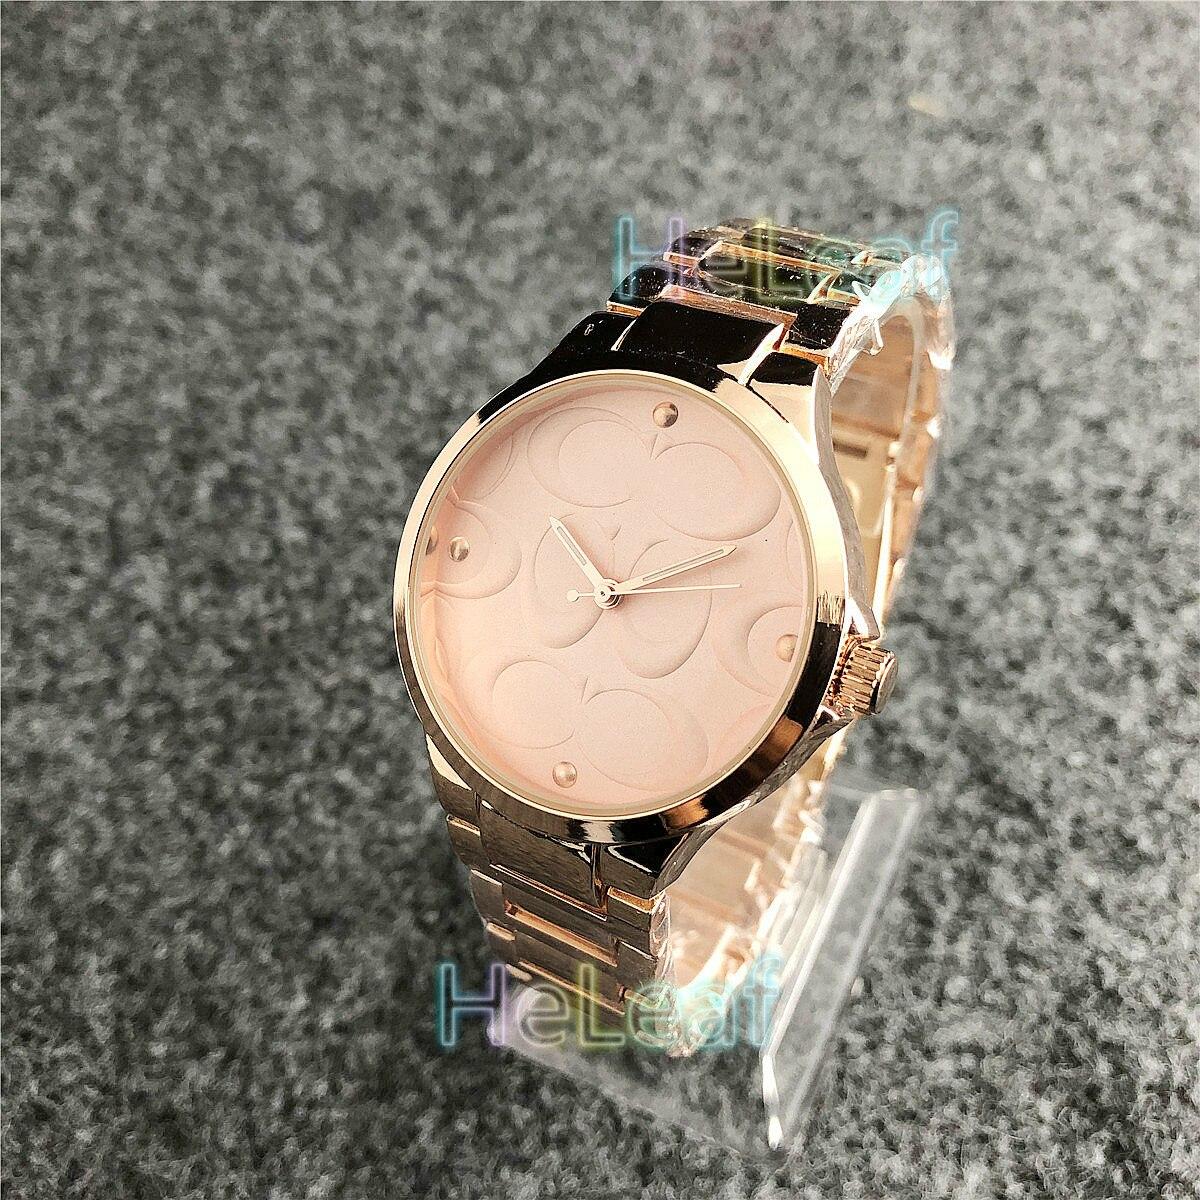 Montre de marque de luxe pour hommes femmes   Montre à Quartz, en acier, argent, or, cadeau idéal